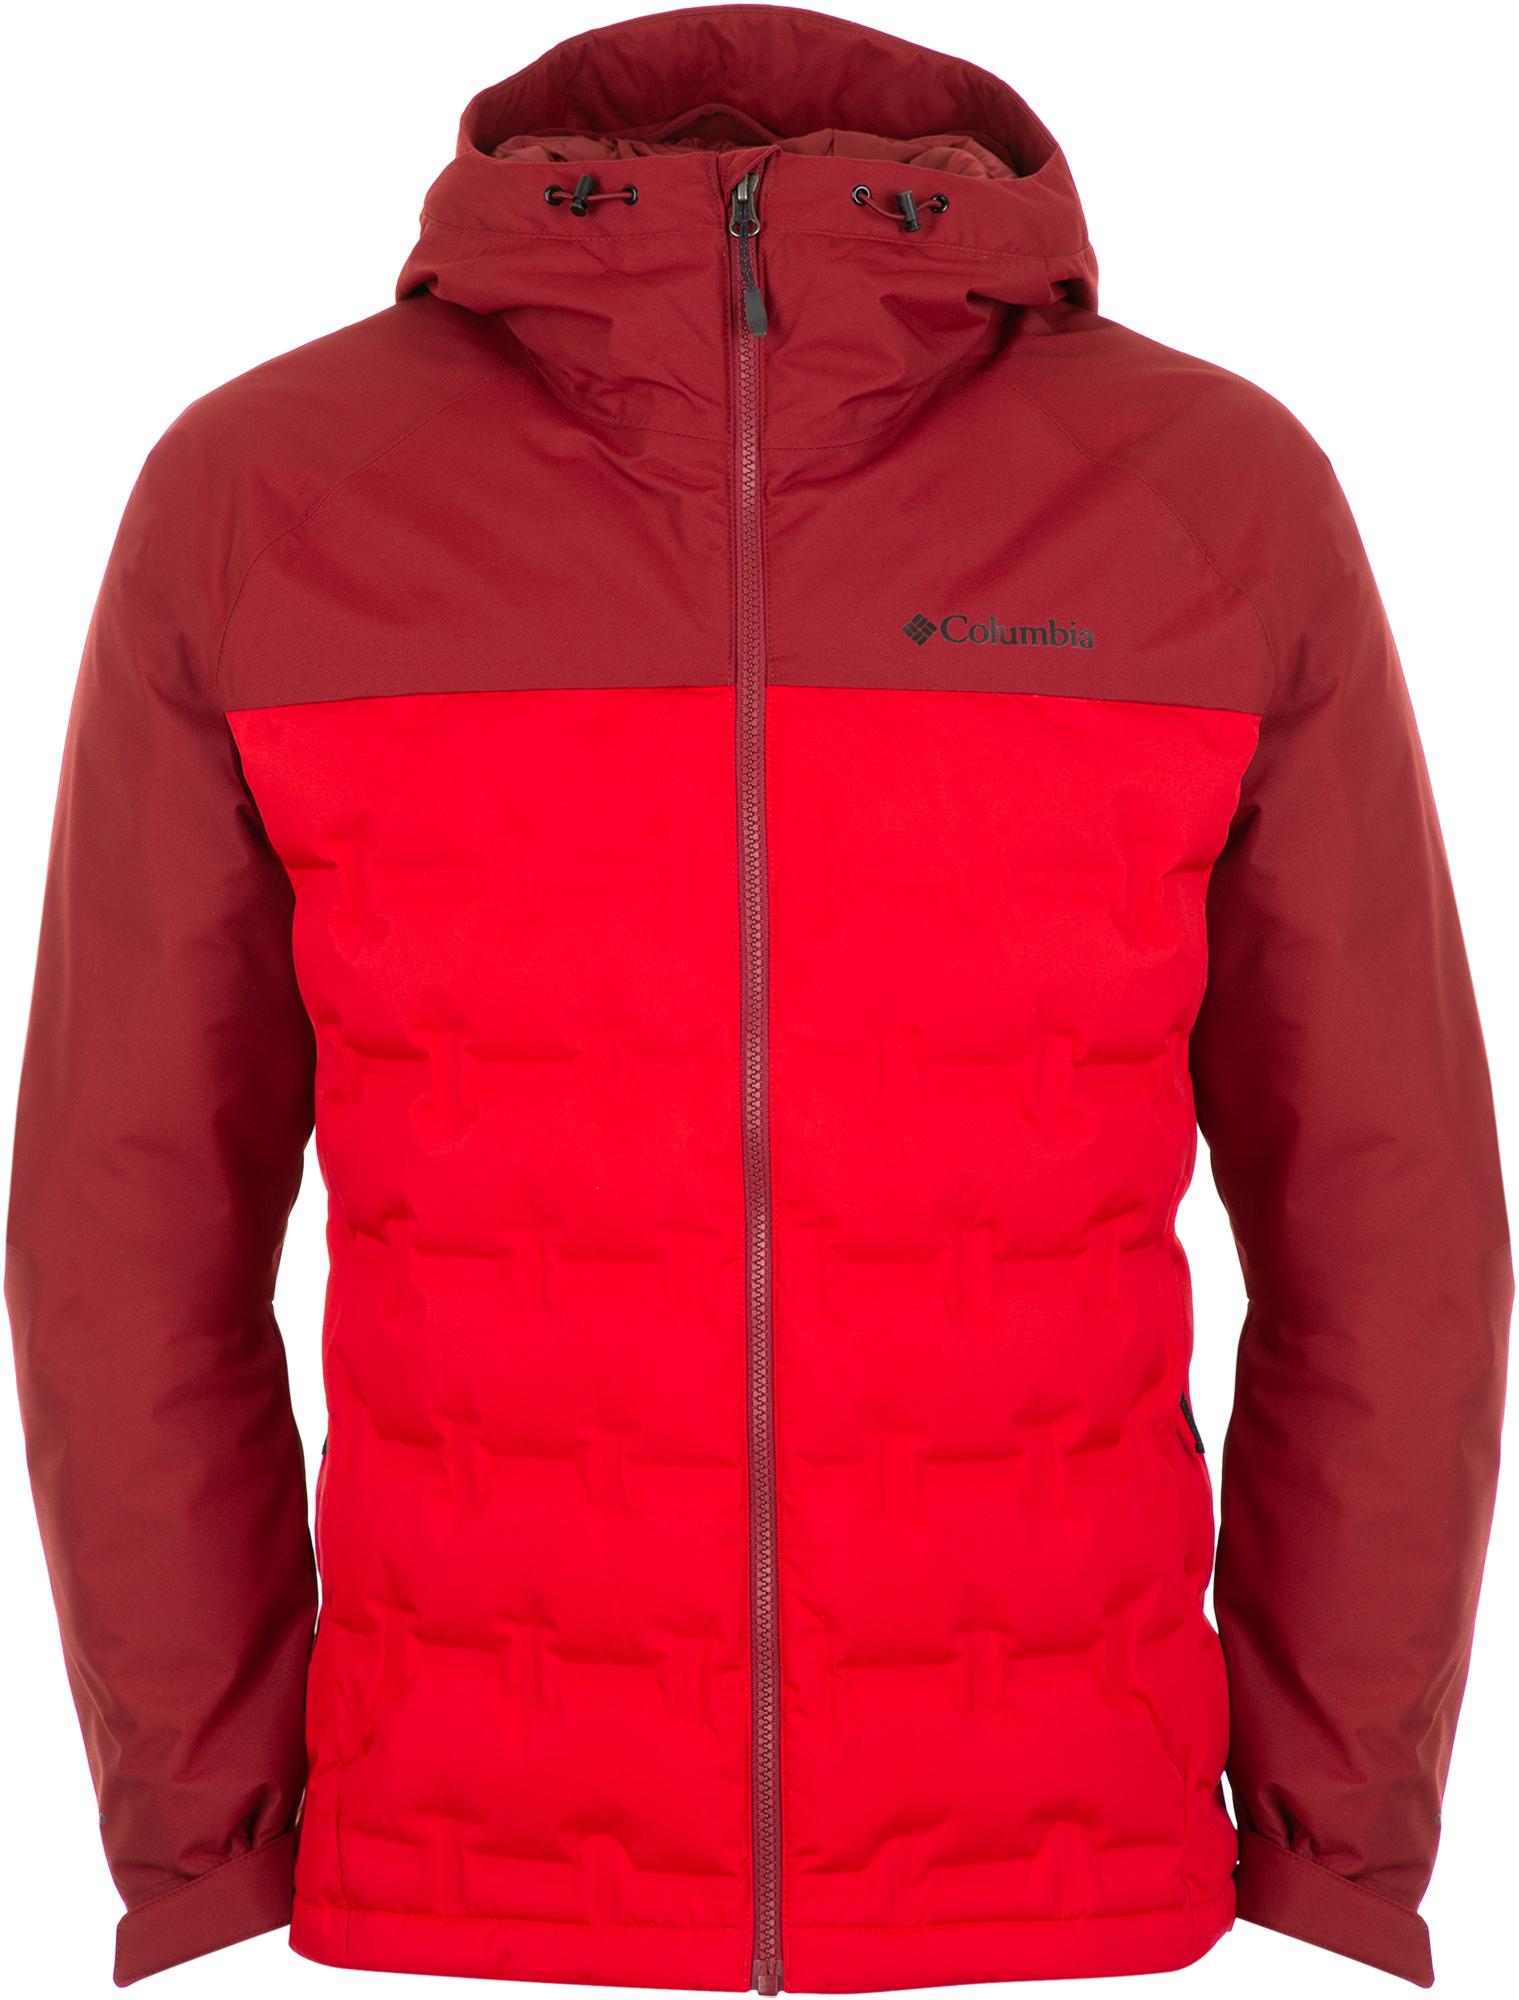 Columbia Куртка пуховая мужская Grand Trek, размер 46